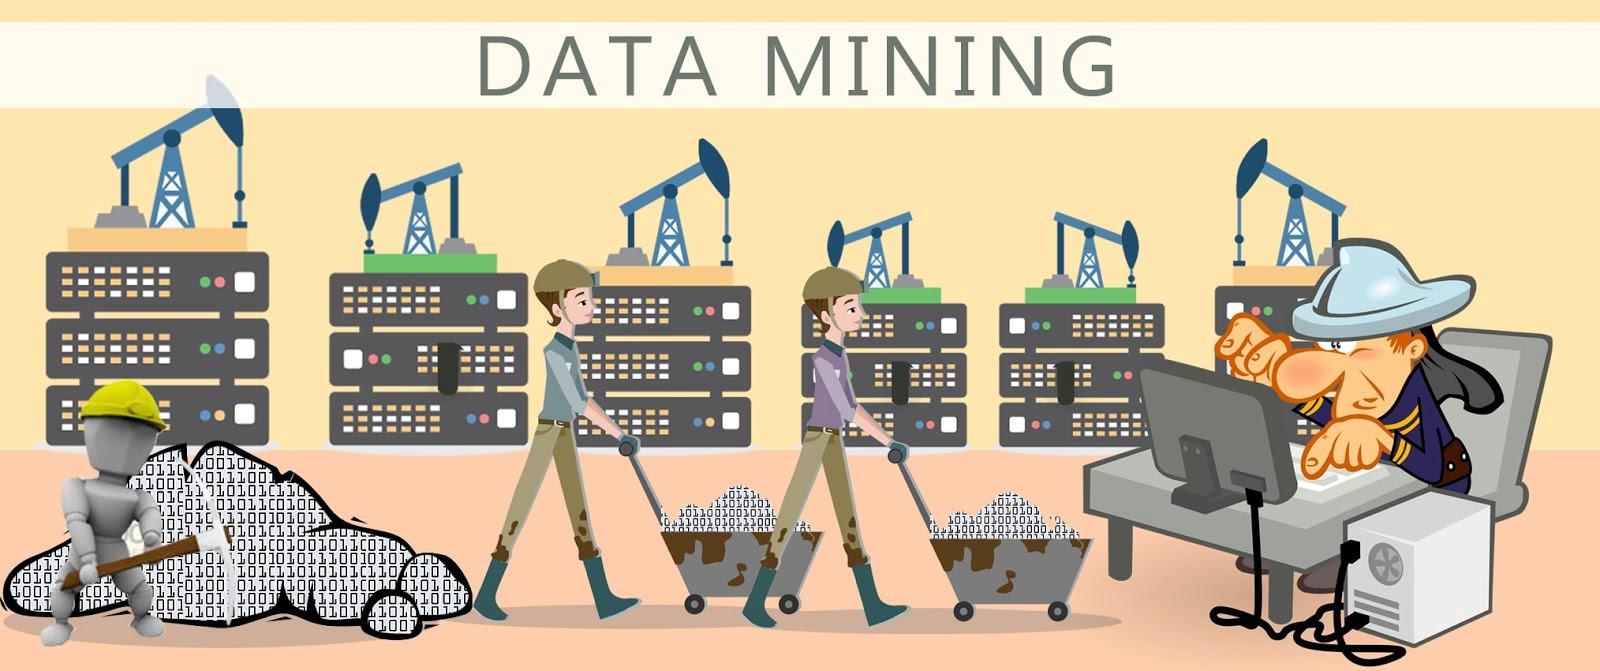 Data Mining là gì? Phân tích kỹ thuật